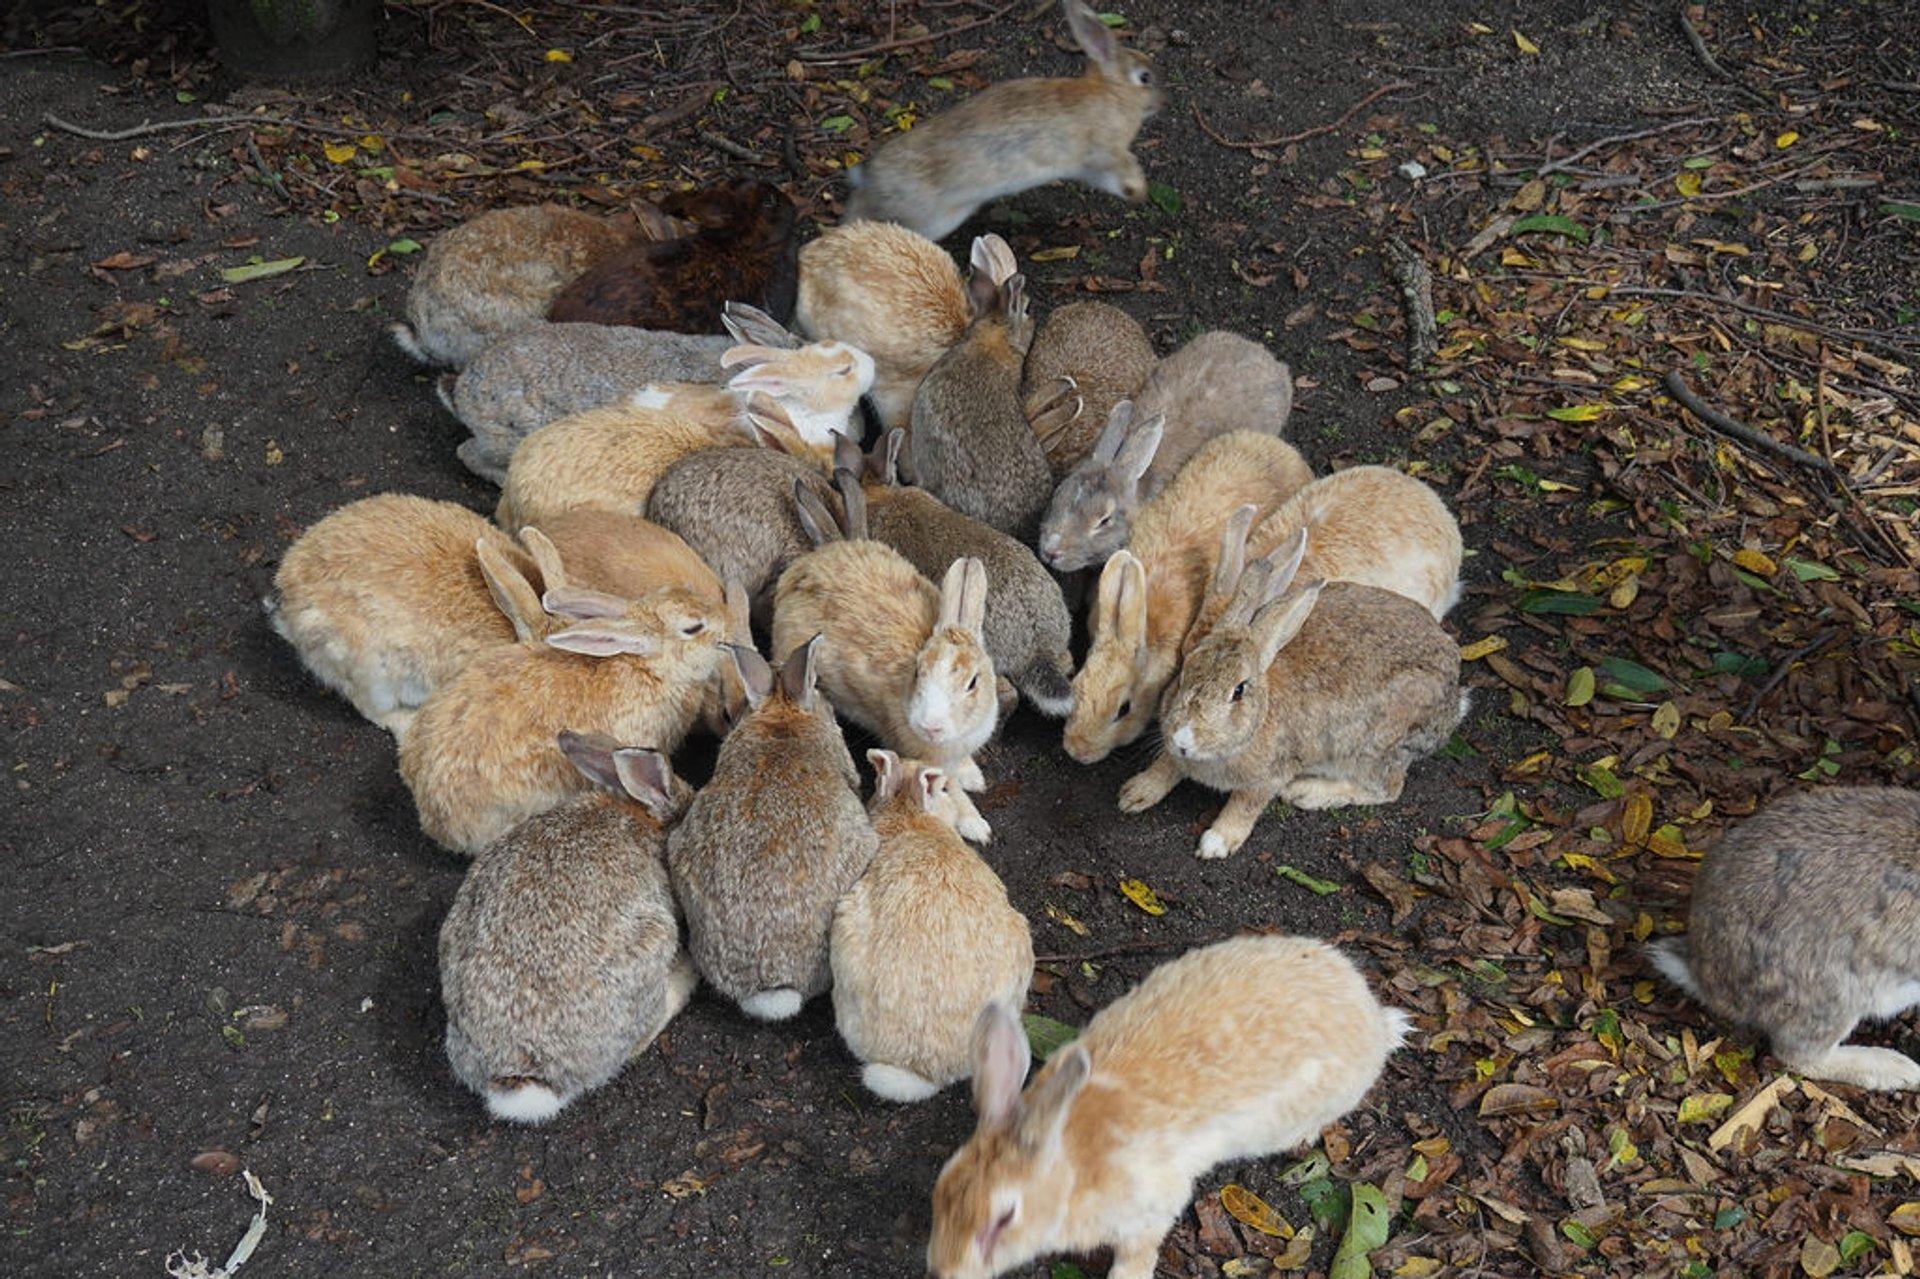 Okunoshima (Rabbit Island) in Japan 2020 - Best Time